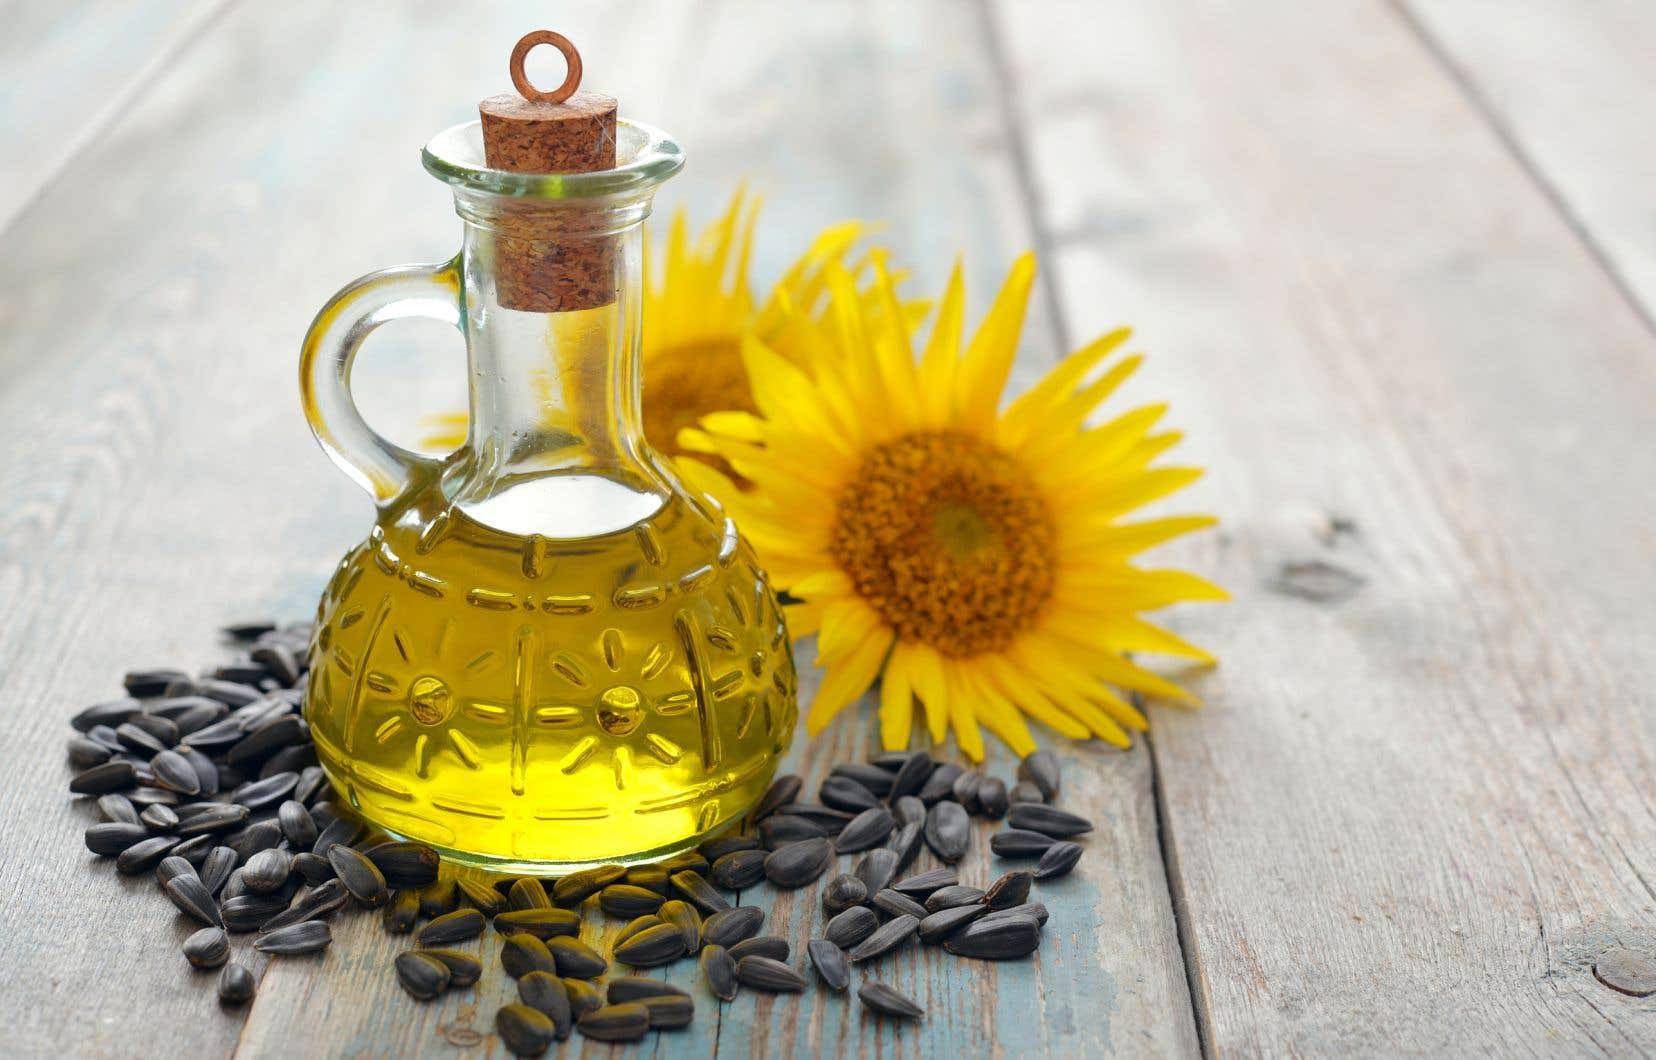 Pour tendre vers une alimentation la plus locale possible, les consommateurs peuvent notamment remplacer l'huile d'olive par une huile de tournesol d'ici.